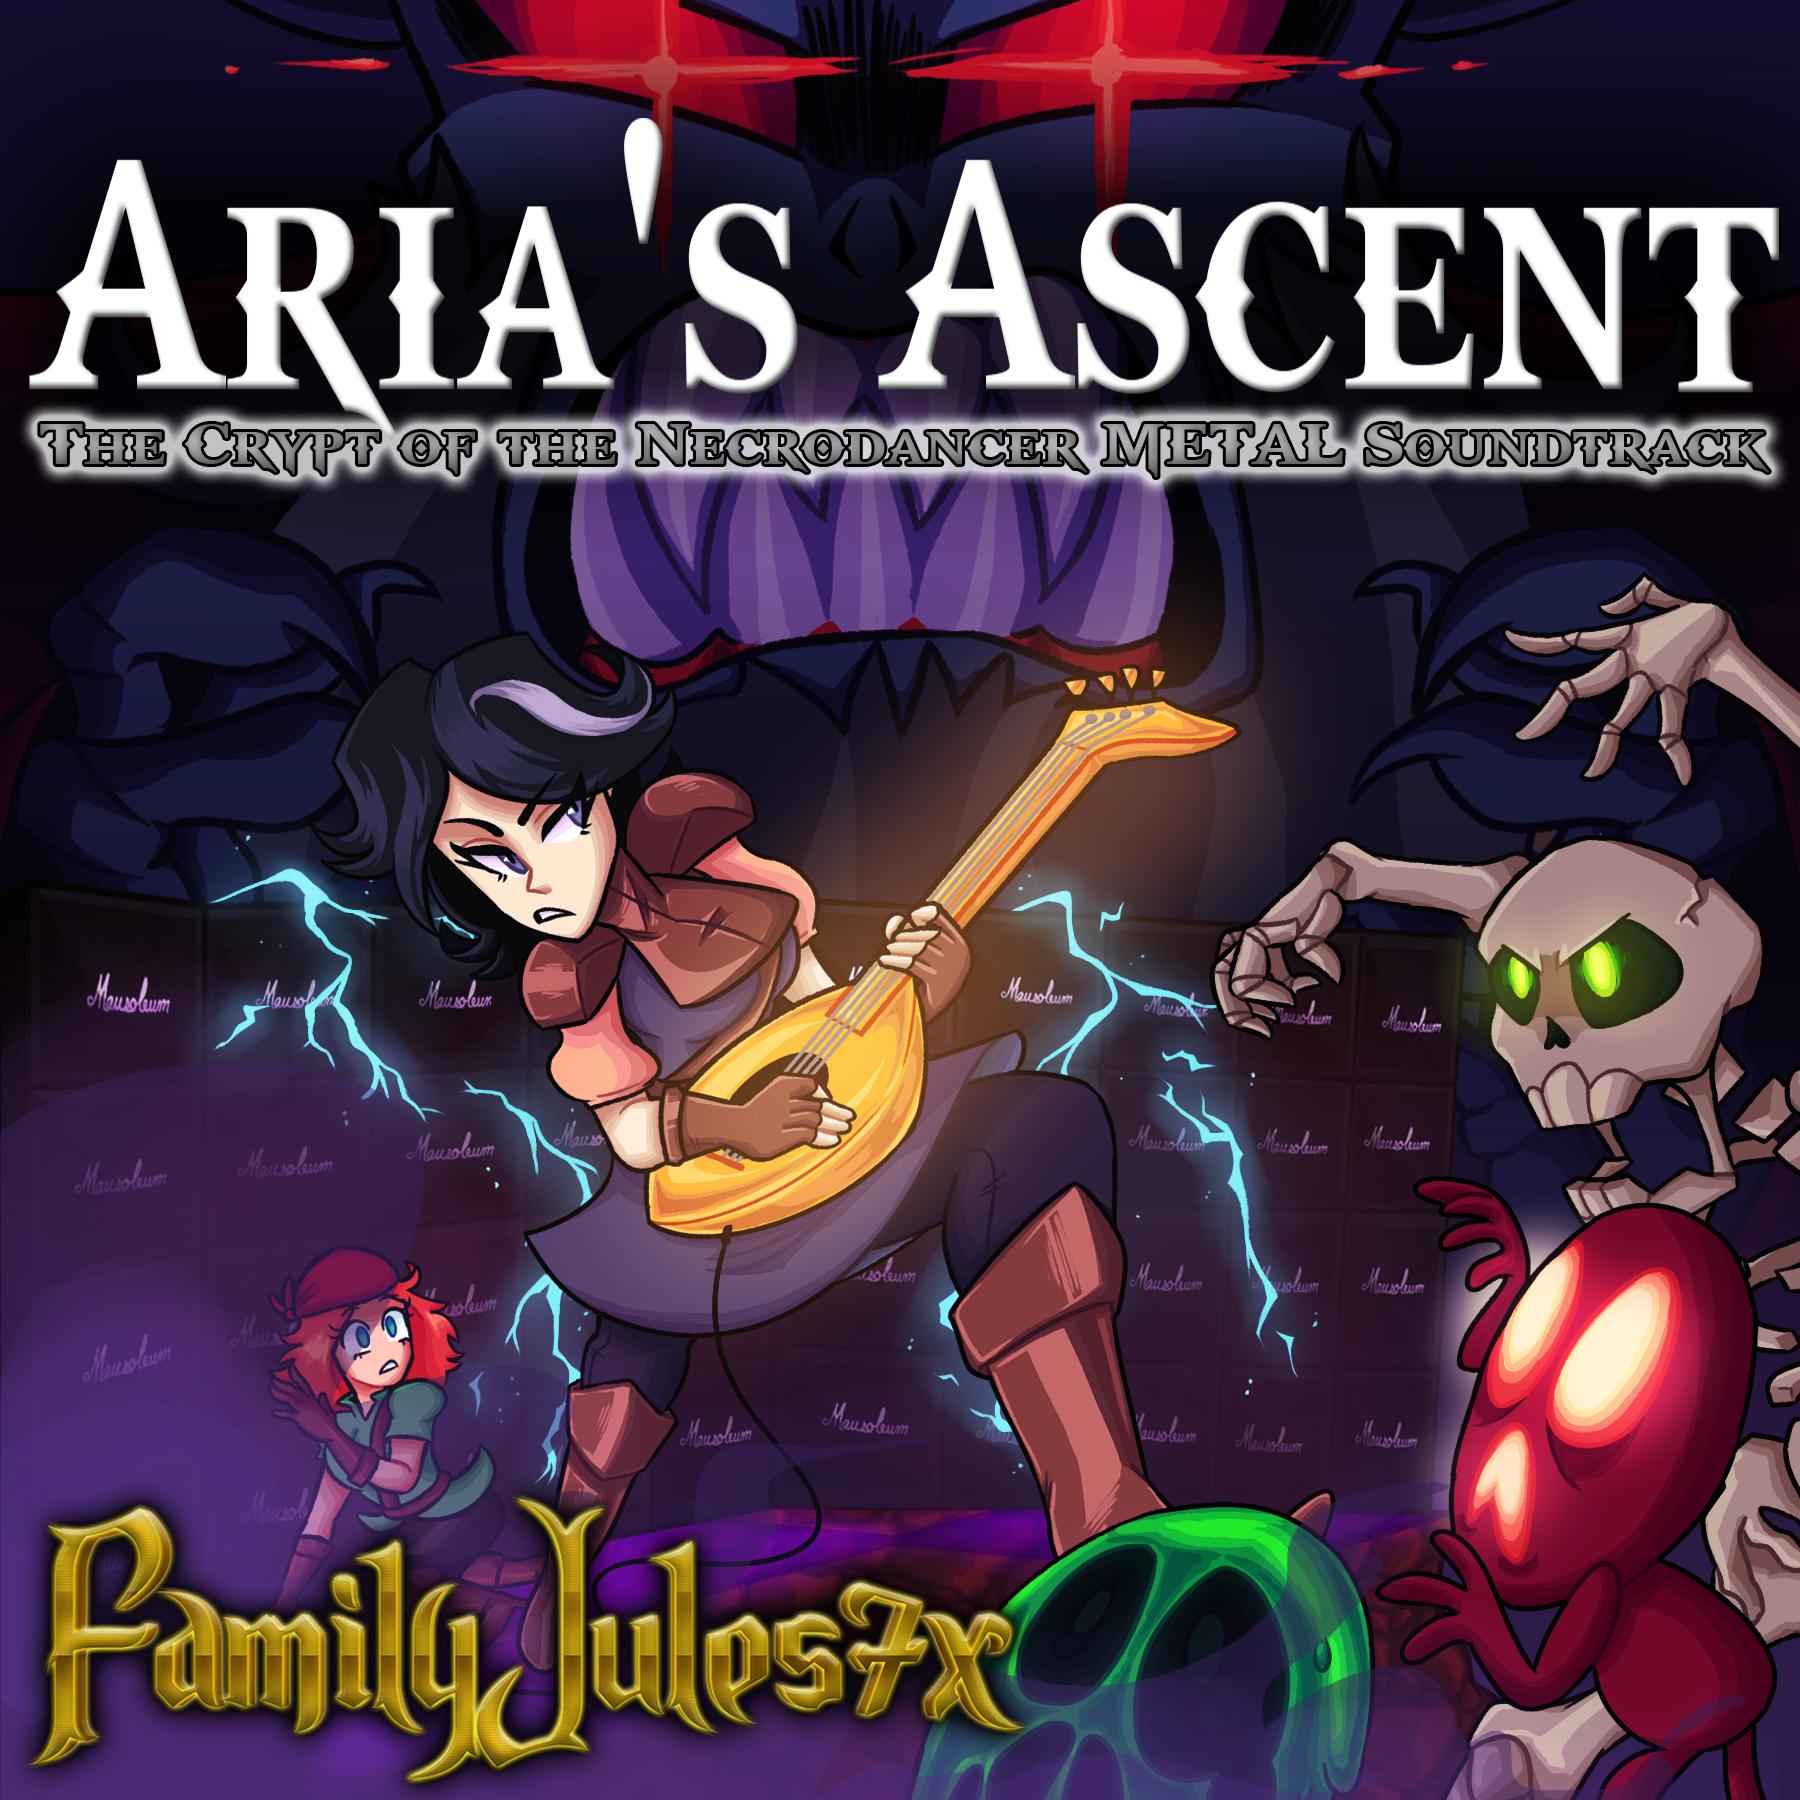 Aria'sAscent